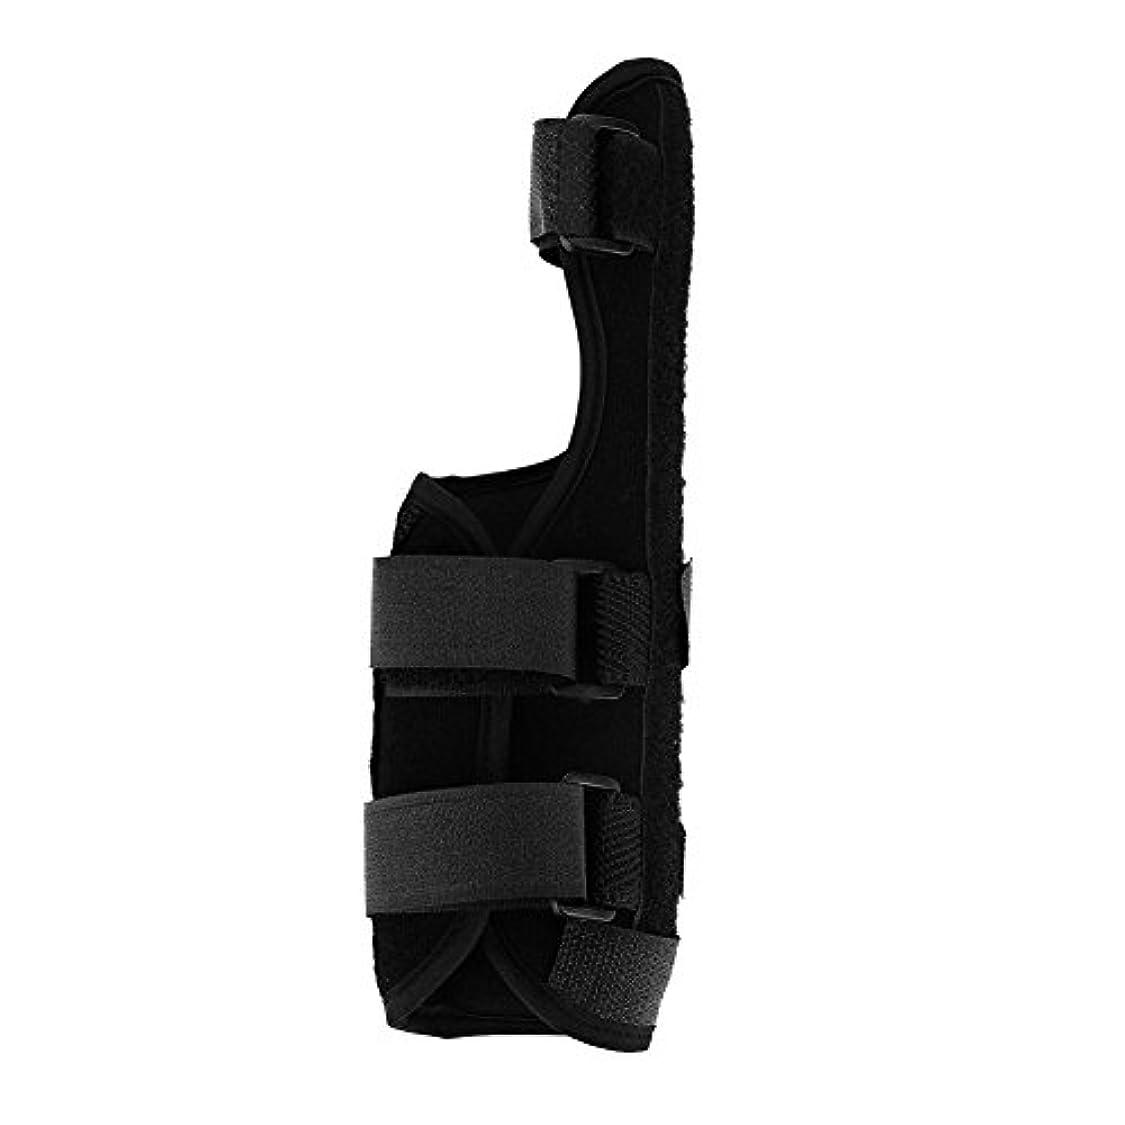 それぞれ圧縮された服高度な手首ブレース - 手根管手首副子。手根管症候群、手首の痛み、捻挫、RSI、関節炎の即時鎮痛に最適(A la derechaL)